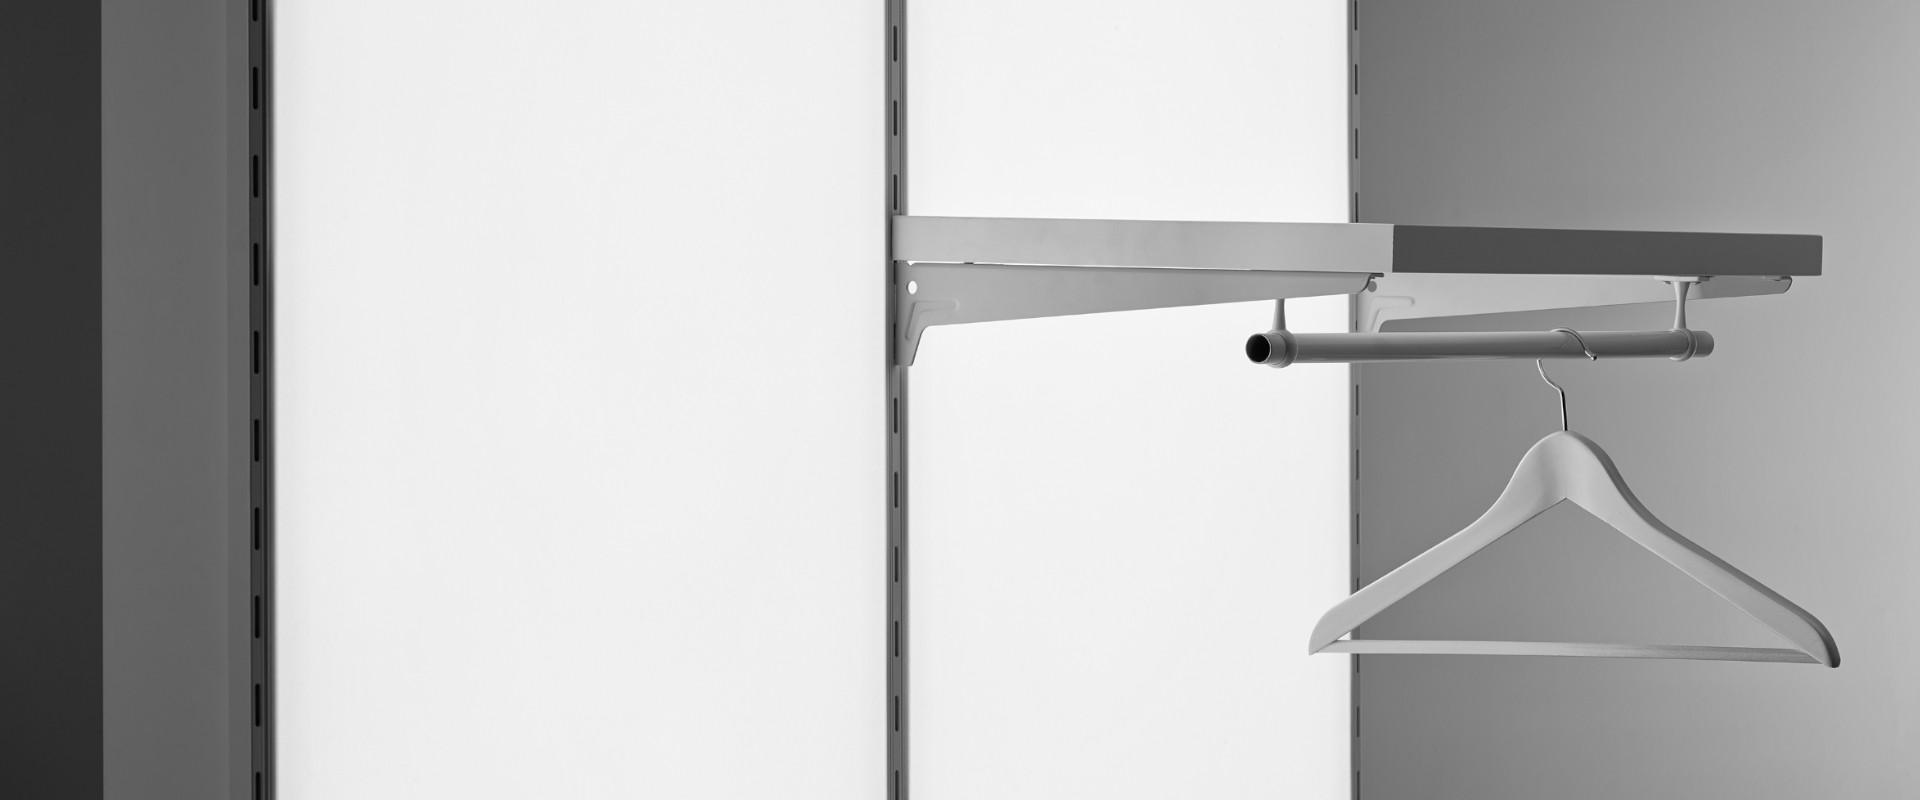 Smartframe walling frames